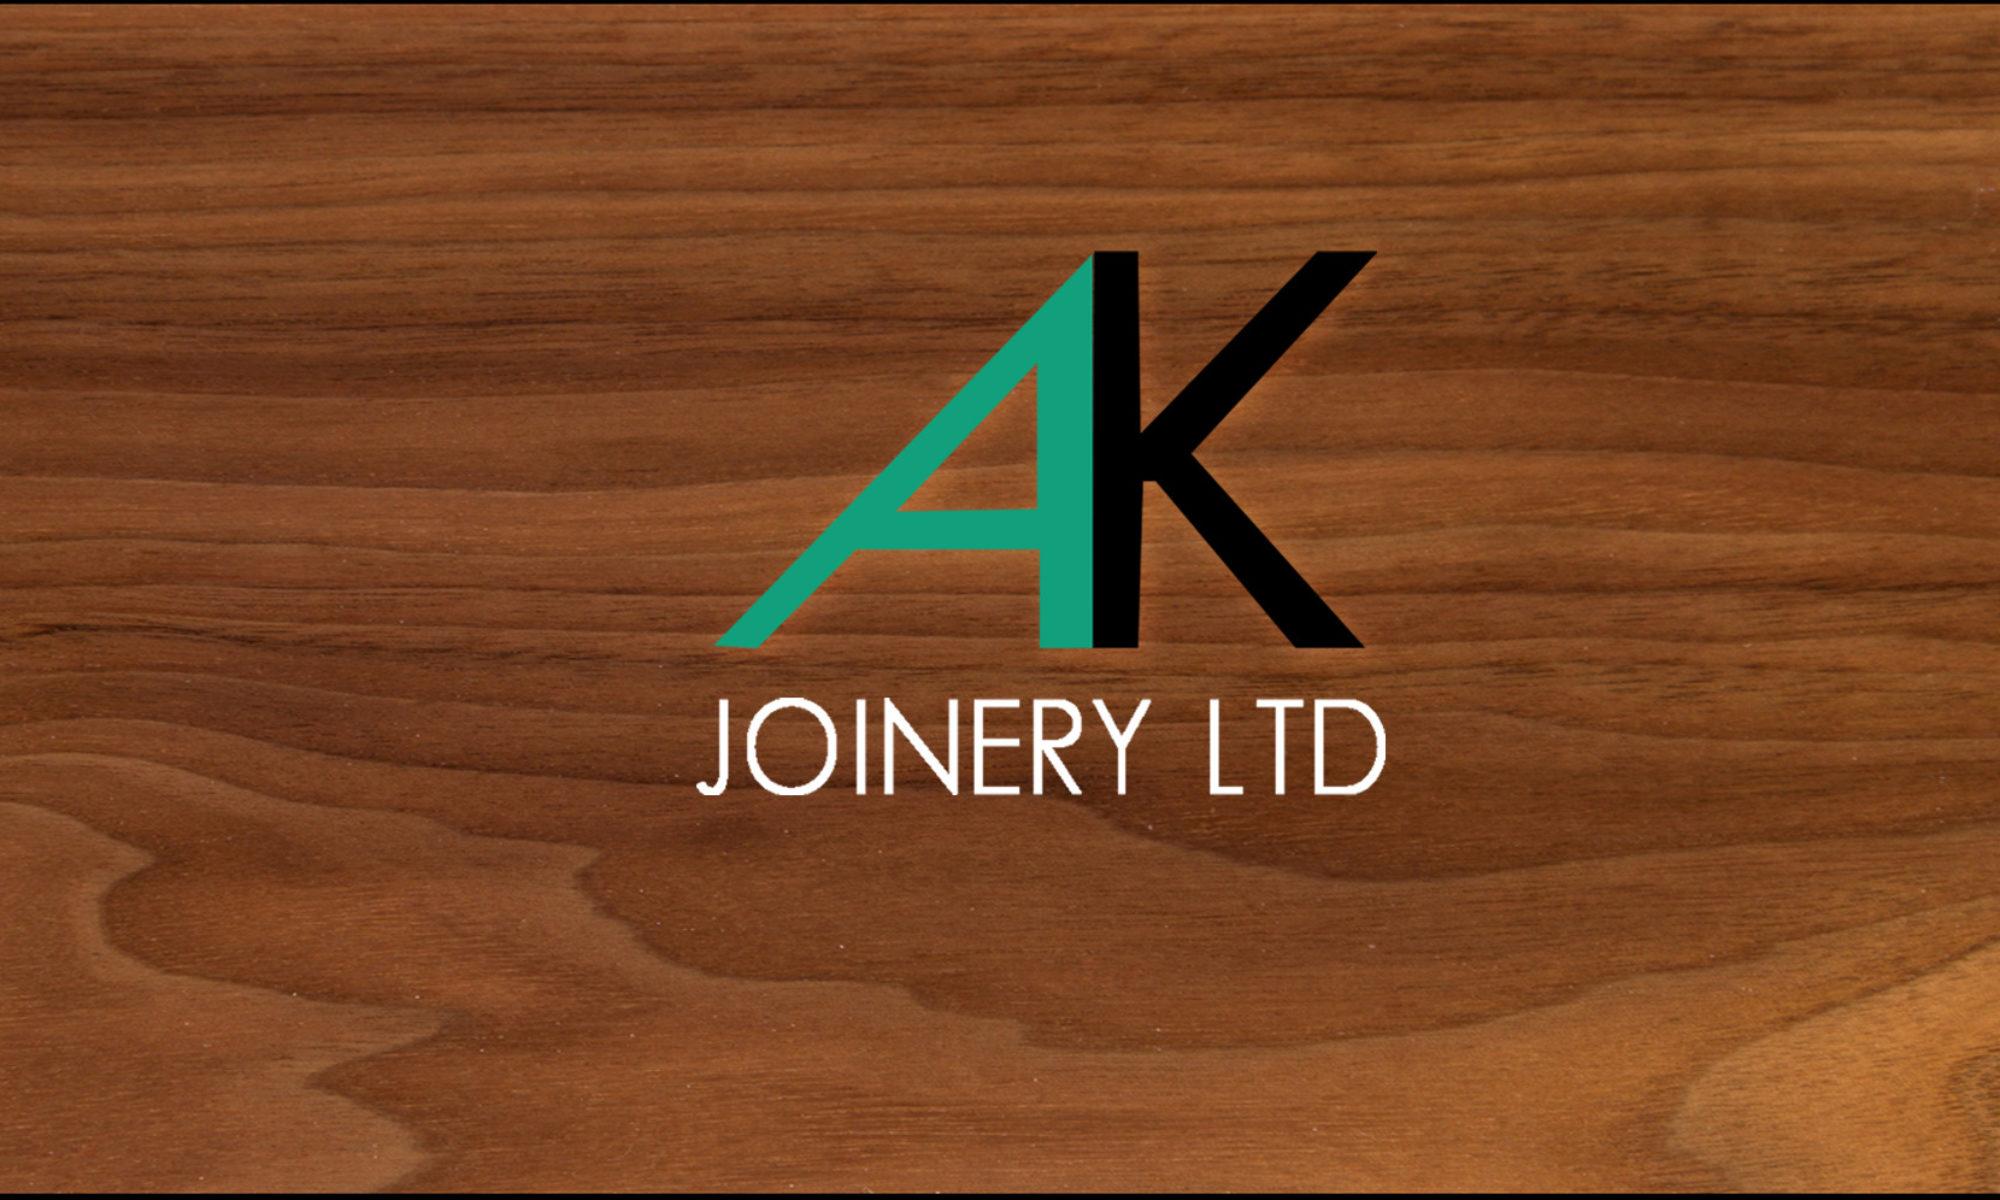 AK Joinery.